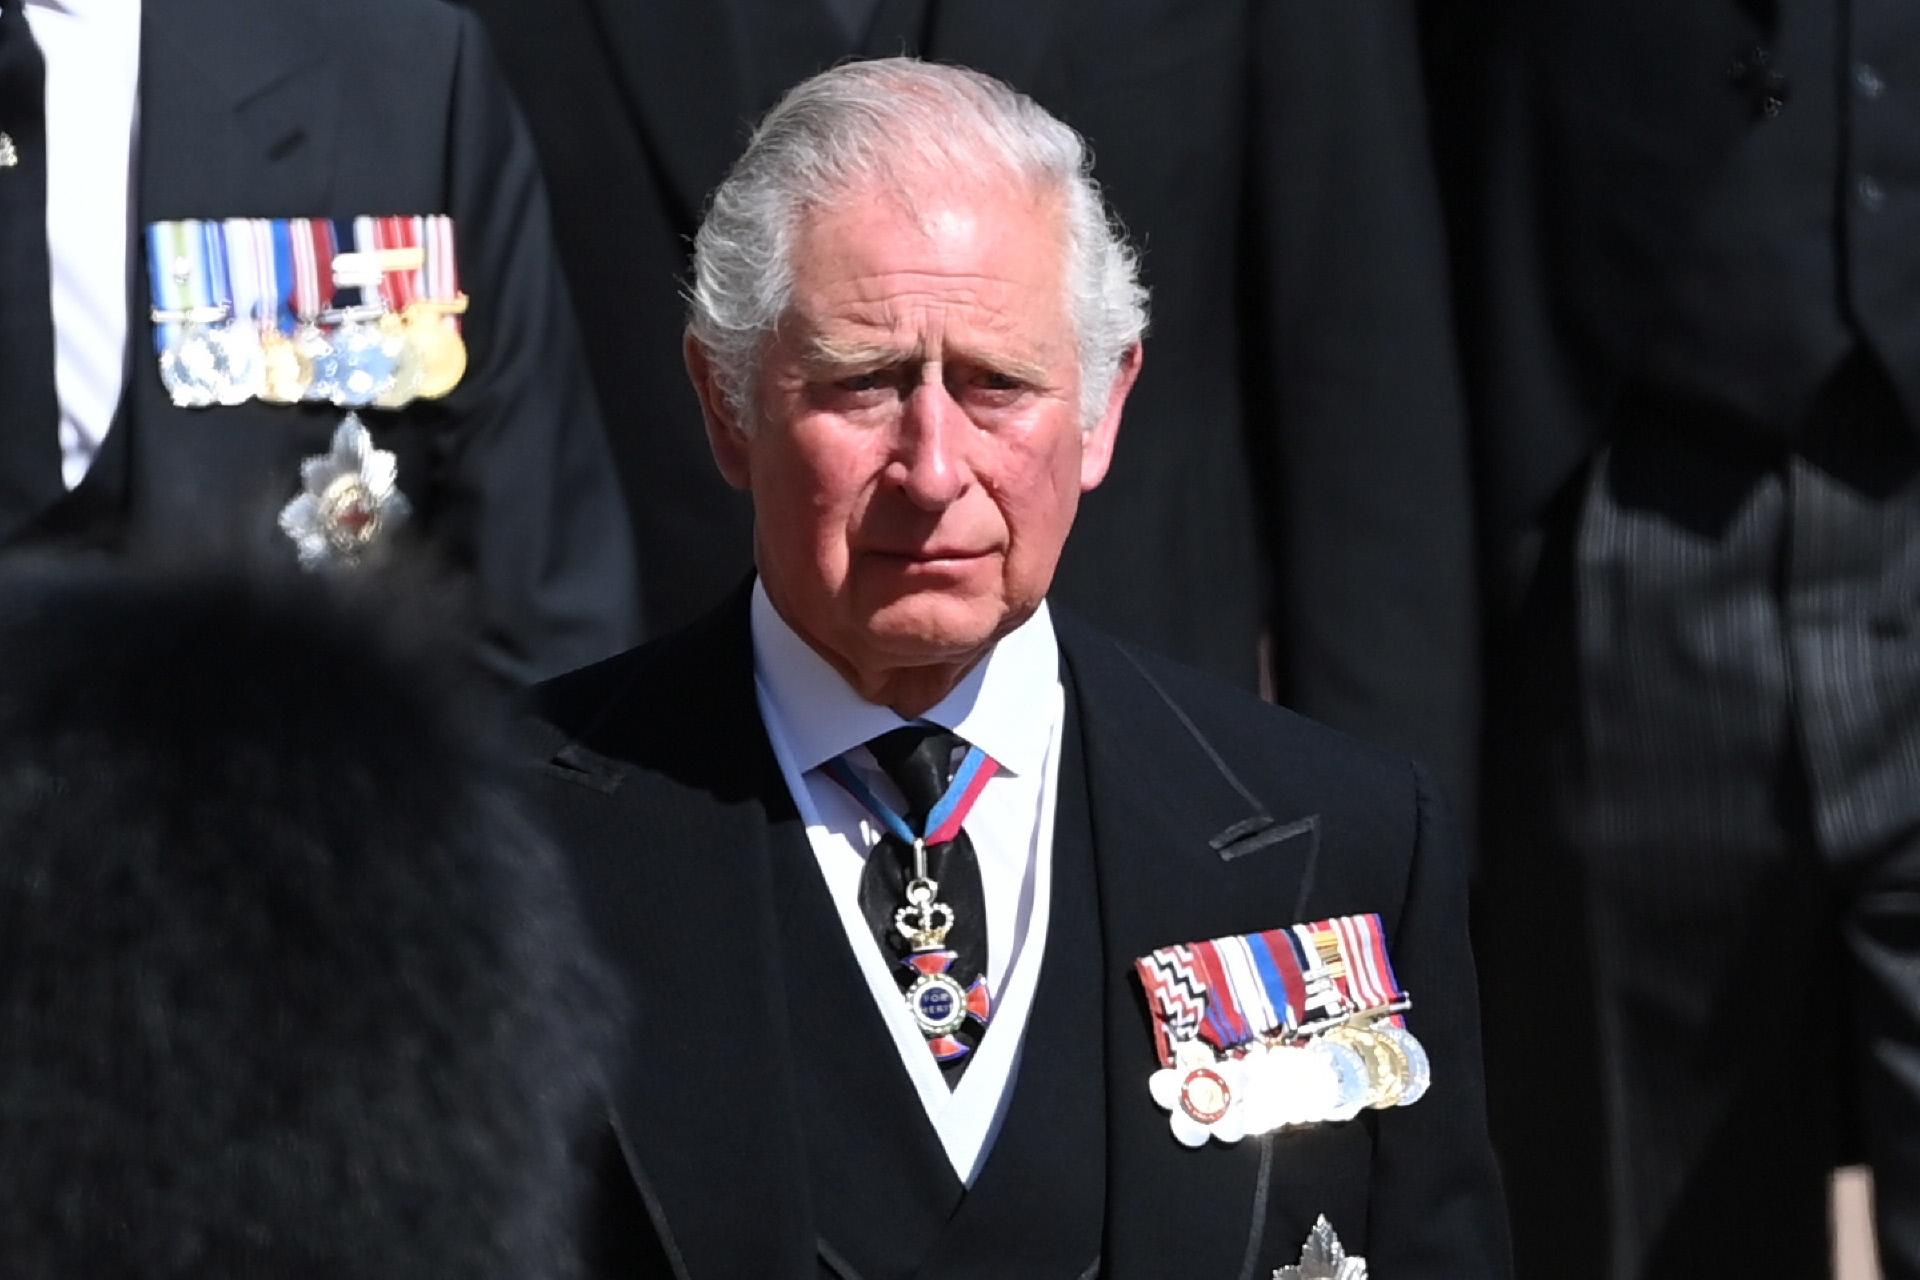 El príncipe Carlos, de 51 años, heredero al trono británico.